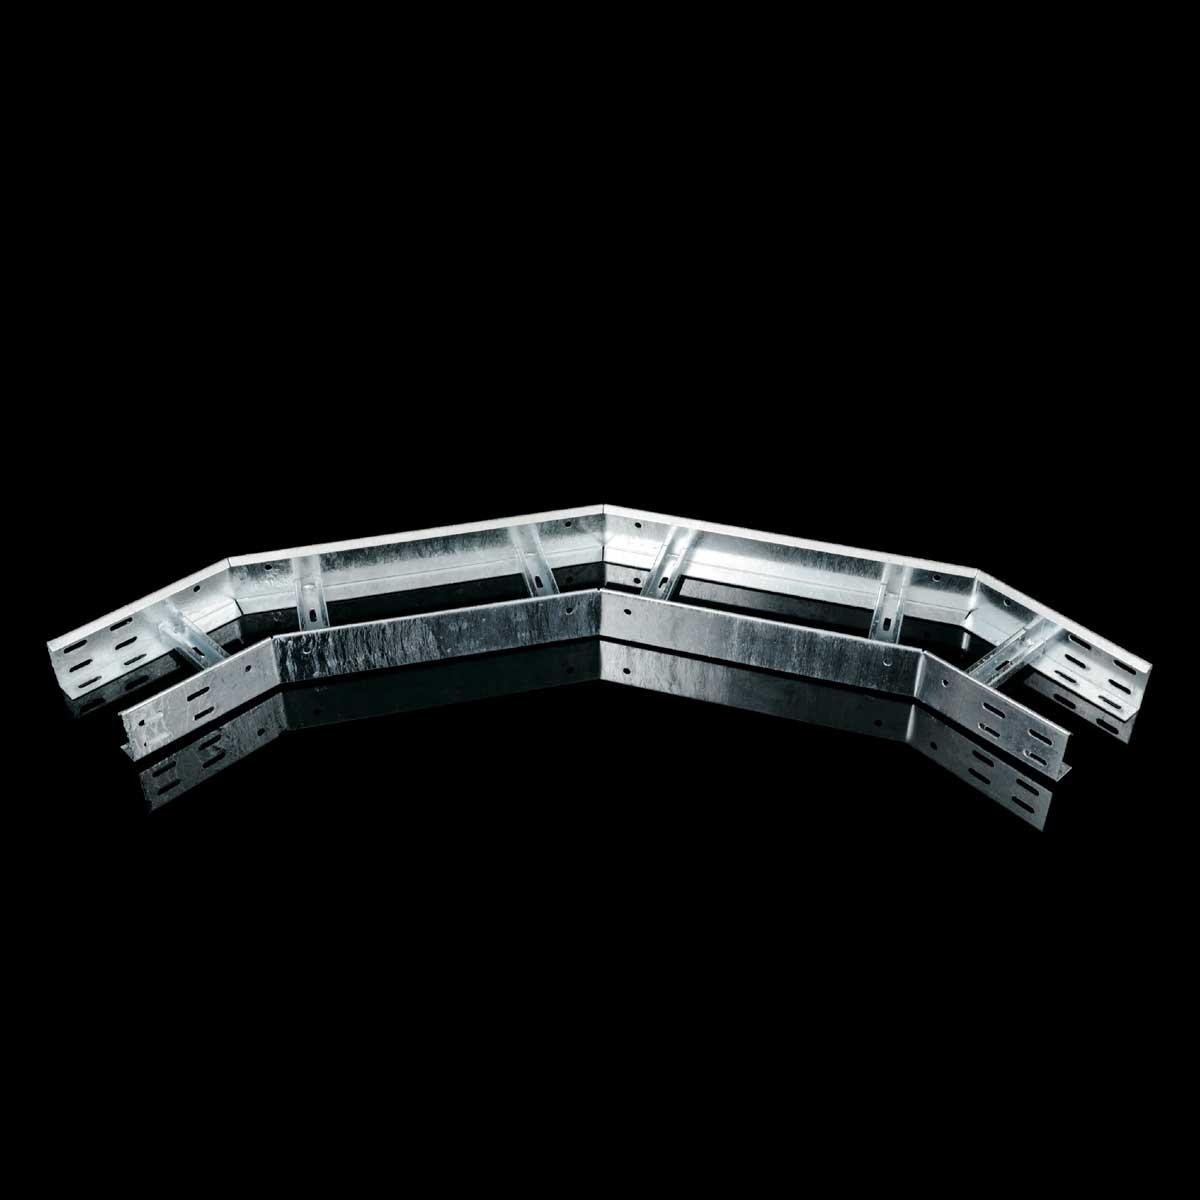 Відгалуження горизонтальне на лоток драбинного типу KOPOS; розміри-85x400xmm Товщ. метал- Вага-кг/м